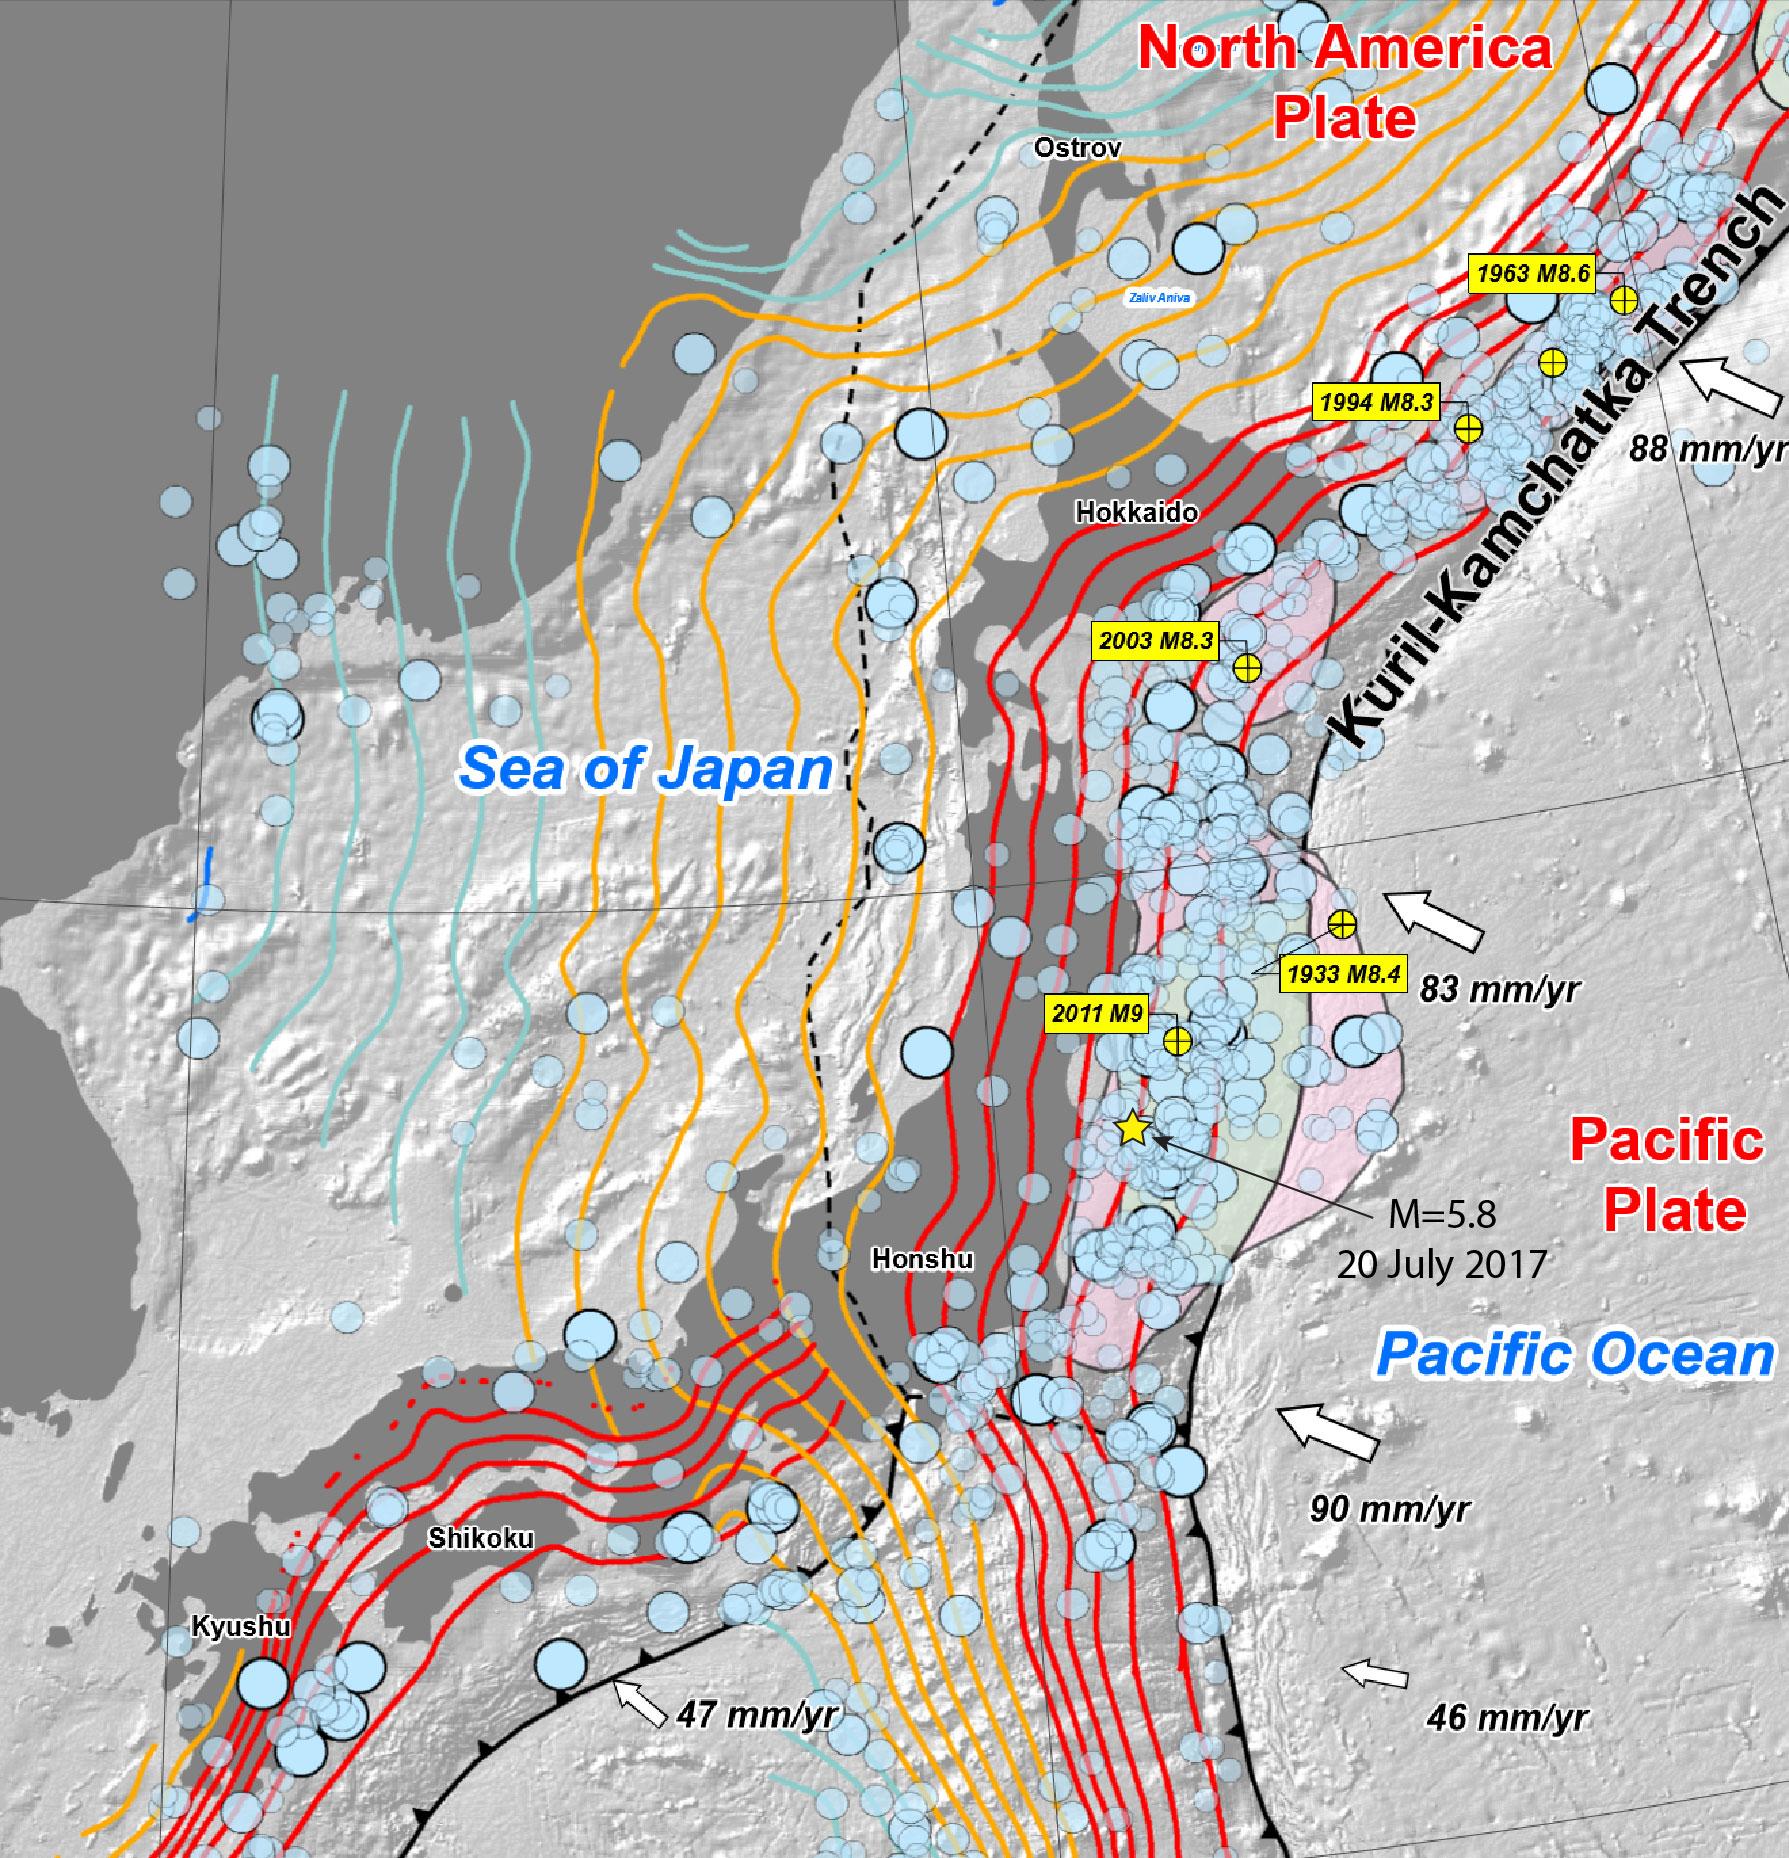 Usgs japan fault map earthquake map temblor usgs japan fault map earthquake map gumiabroncs Images